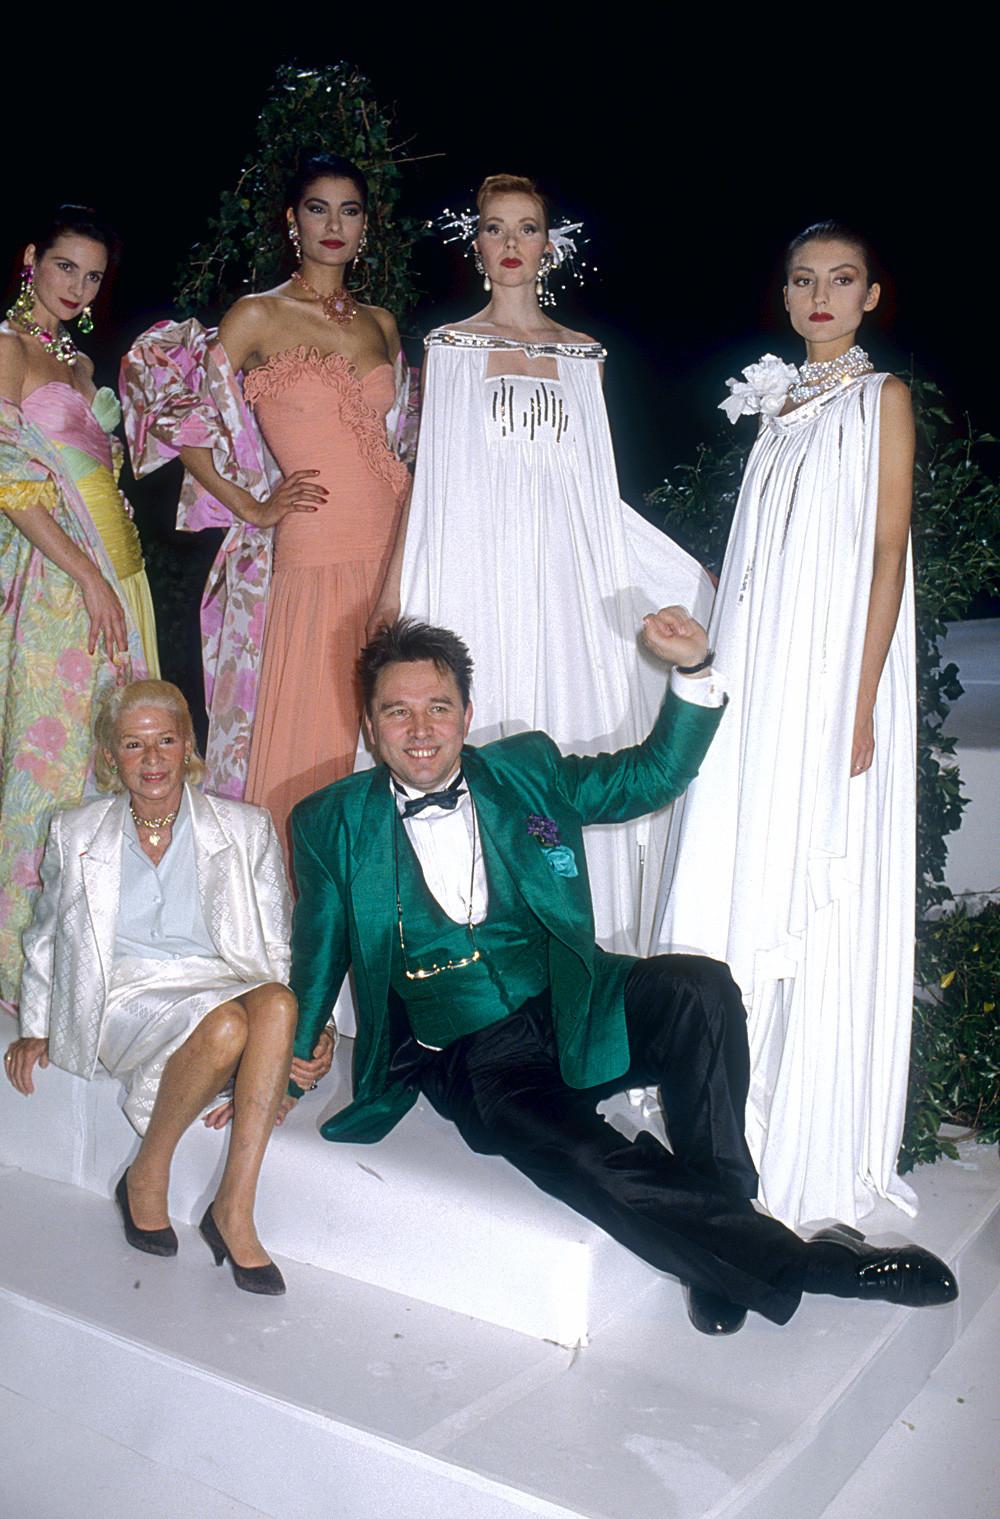 Slava Zaïtsev et la designer de mode française Carmen de Tommaso accompagnés de mannequins portant ses robes haute couture (Défilé Printemps-Été 1988 à Paris).